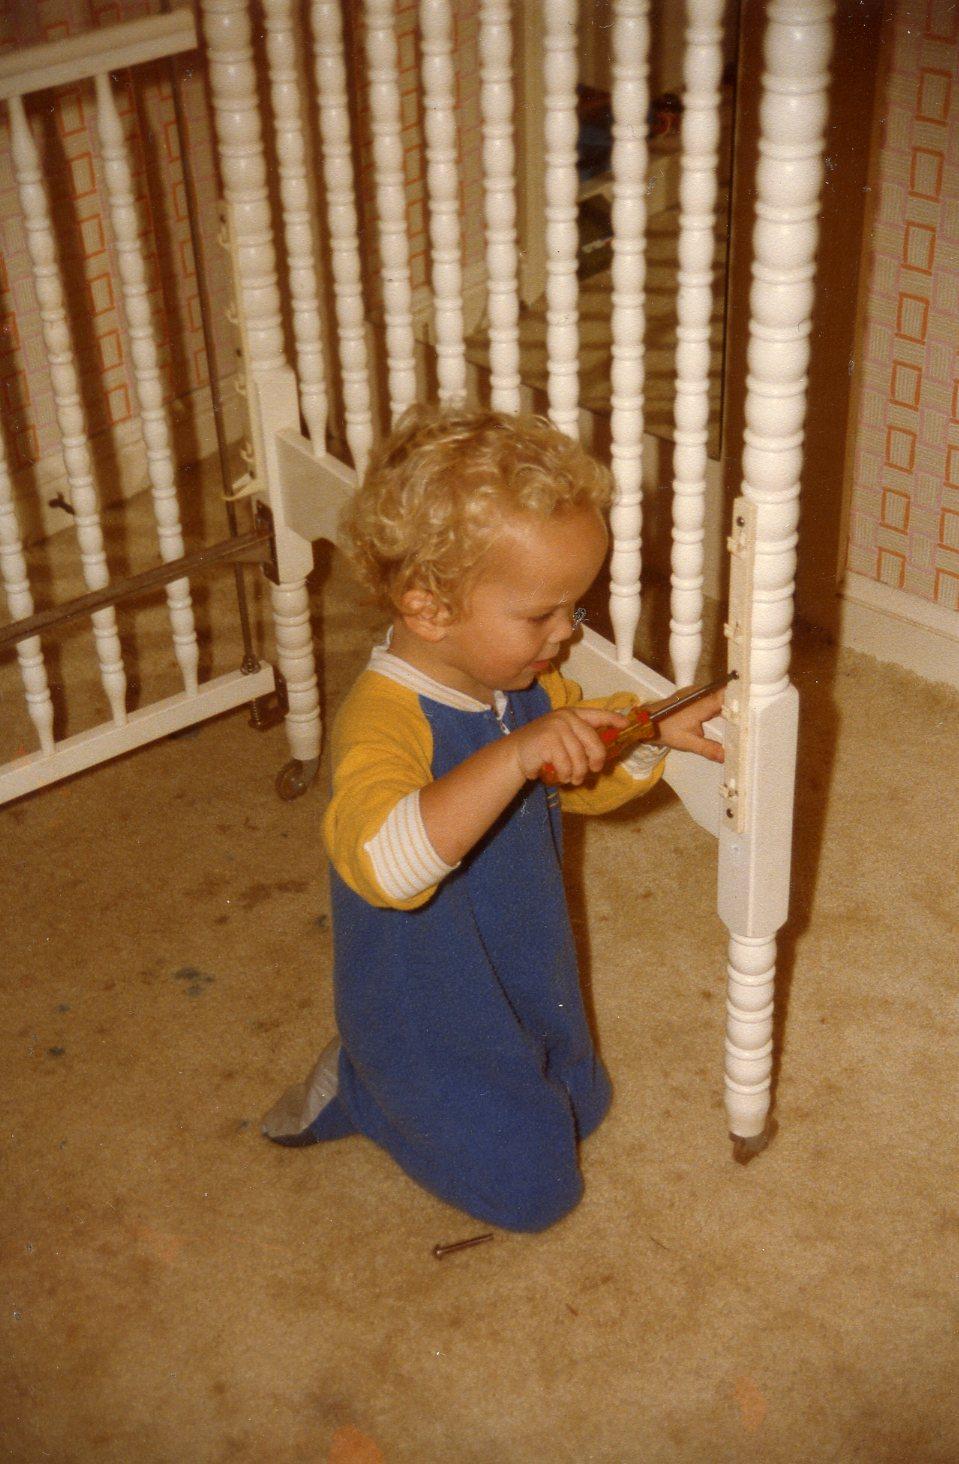 WRA Dismantling his crib